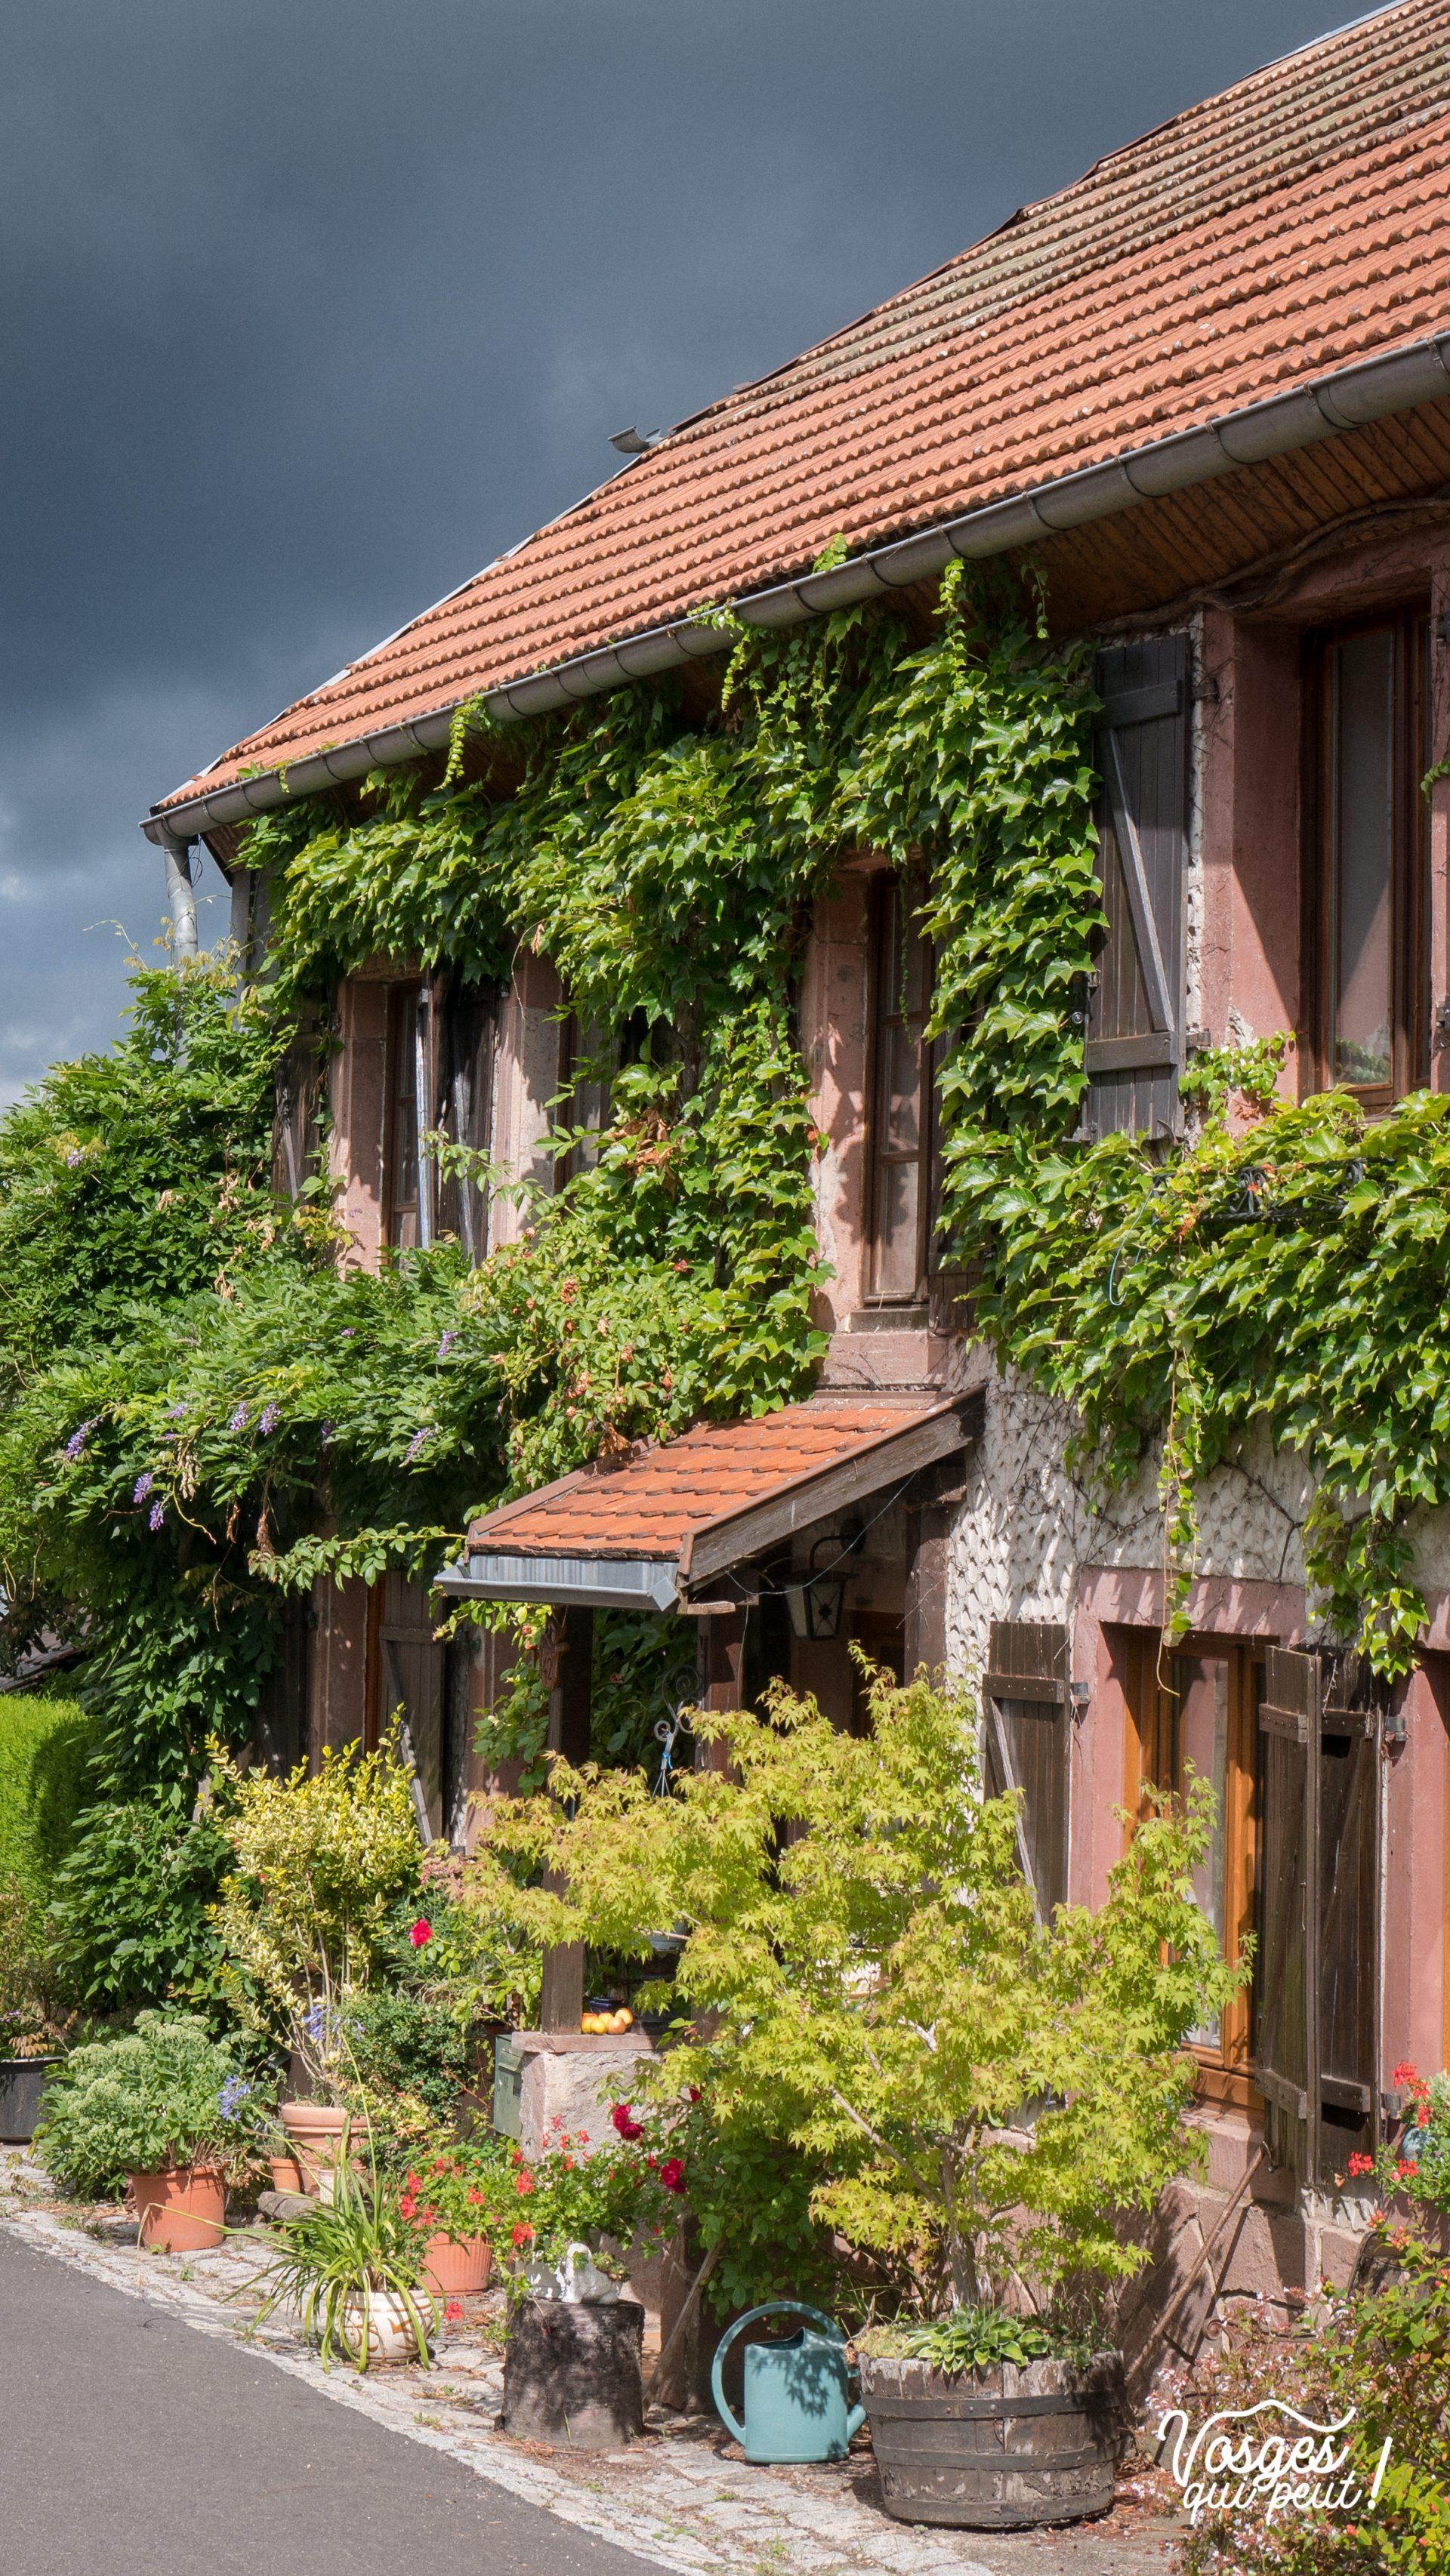 Maison fleurie dans le village de Bellefosse dans la vallée de la Bruche